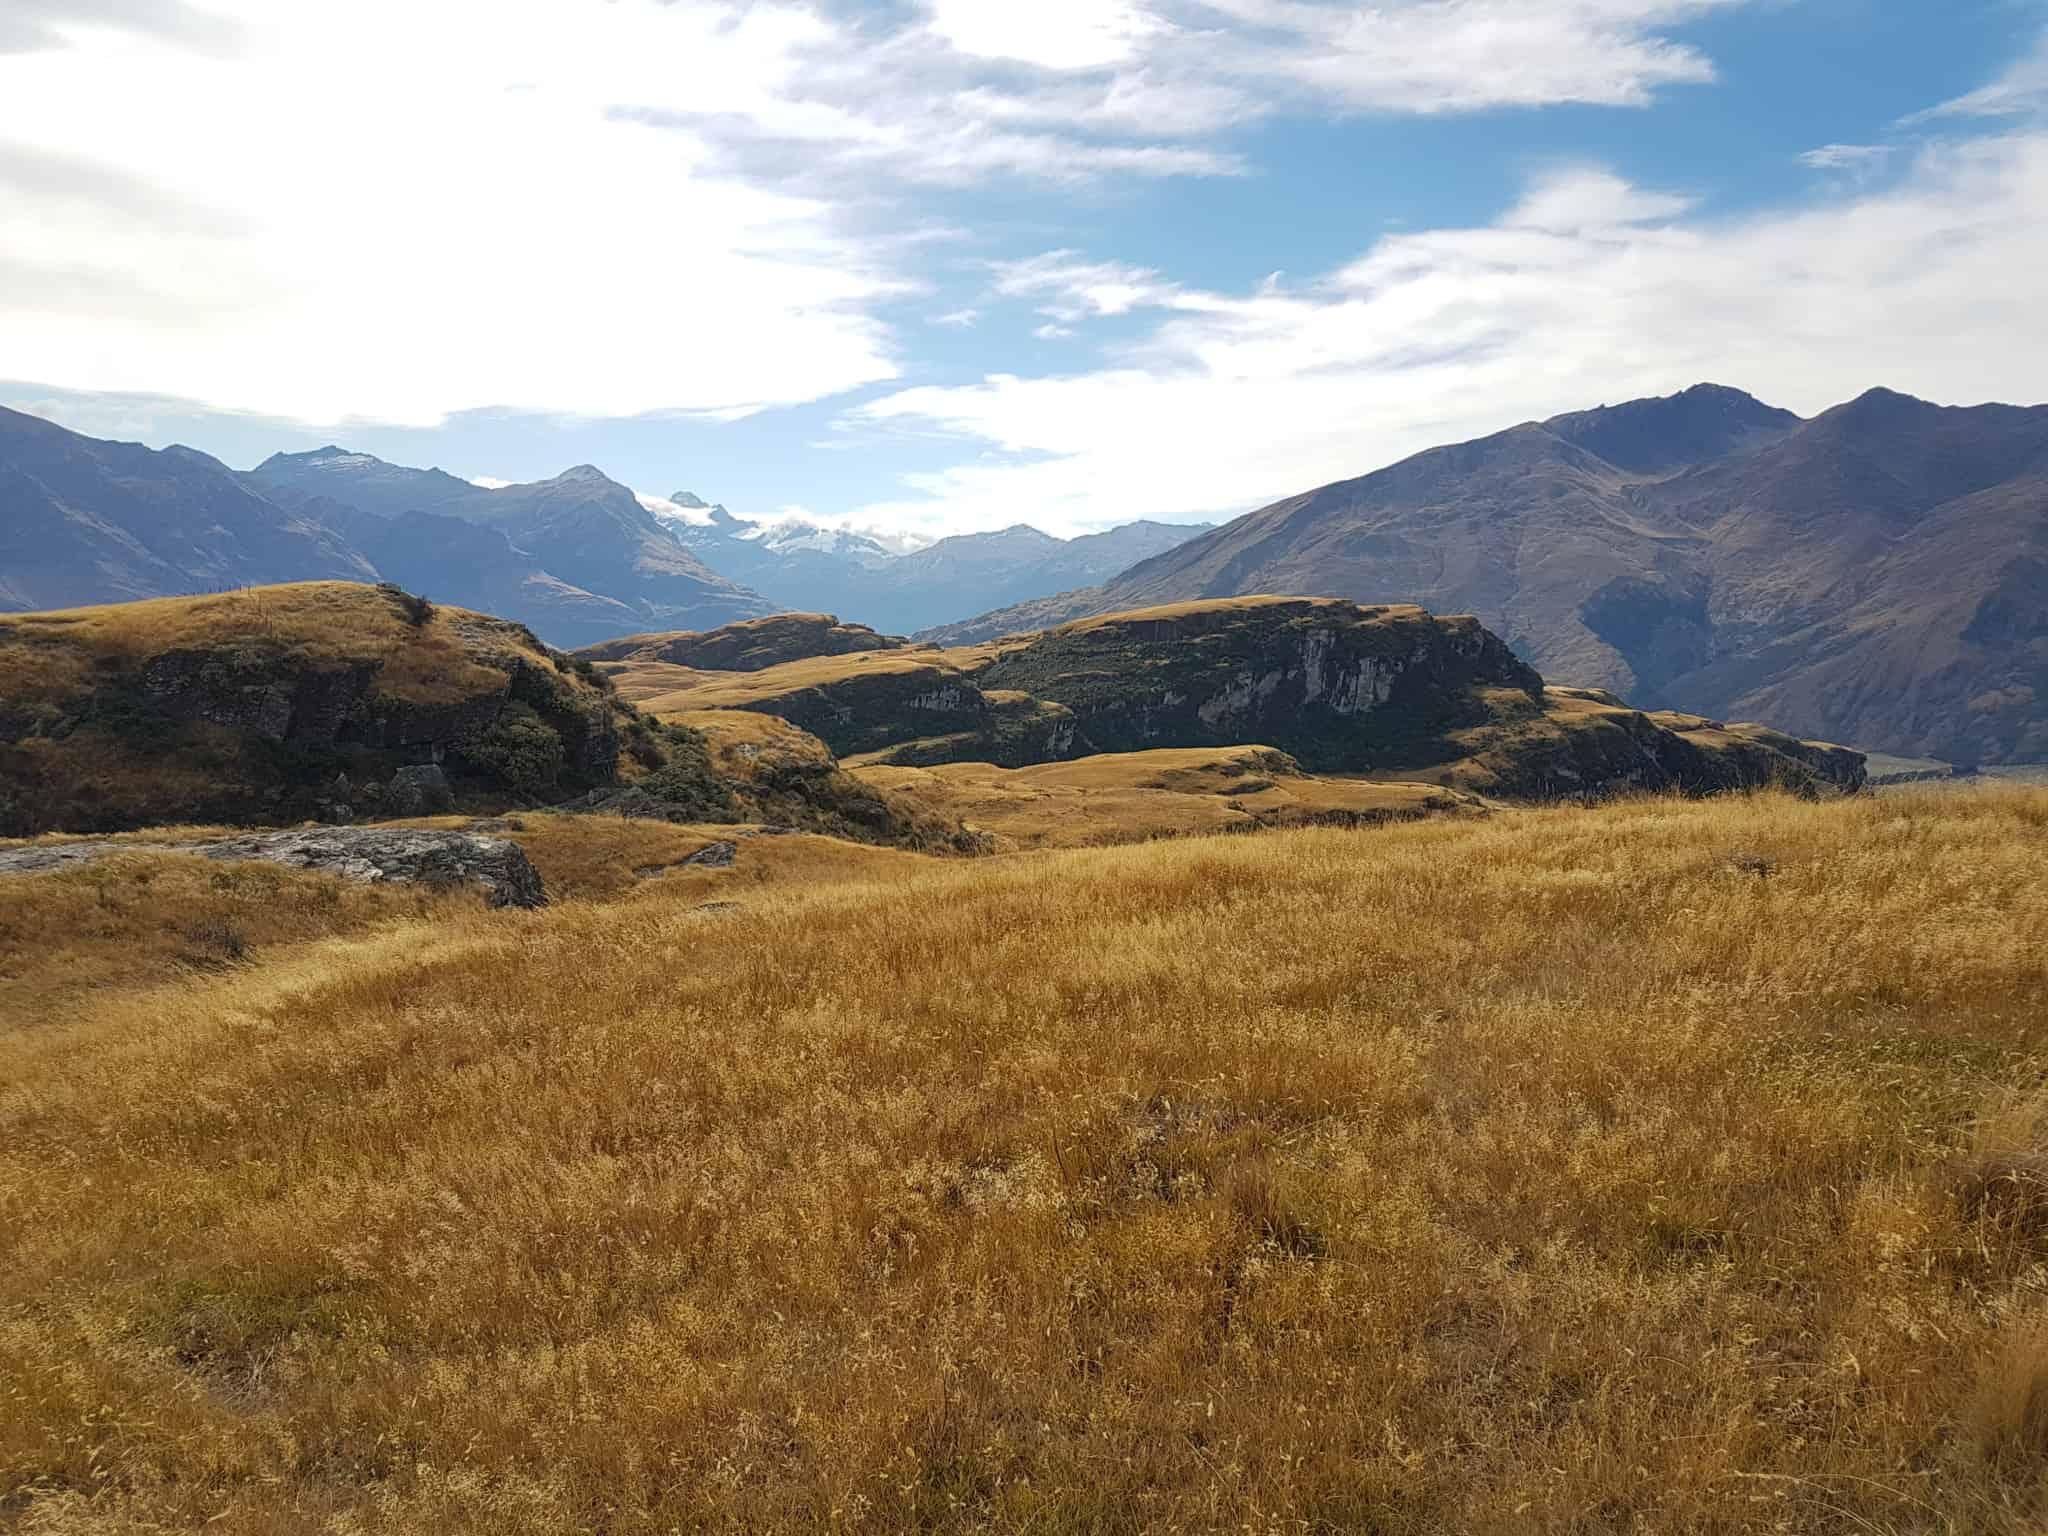 Nouvelle-Zélande, la Rocky Mountain Track une randonnée méconnue des touristes 🤩 15